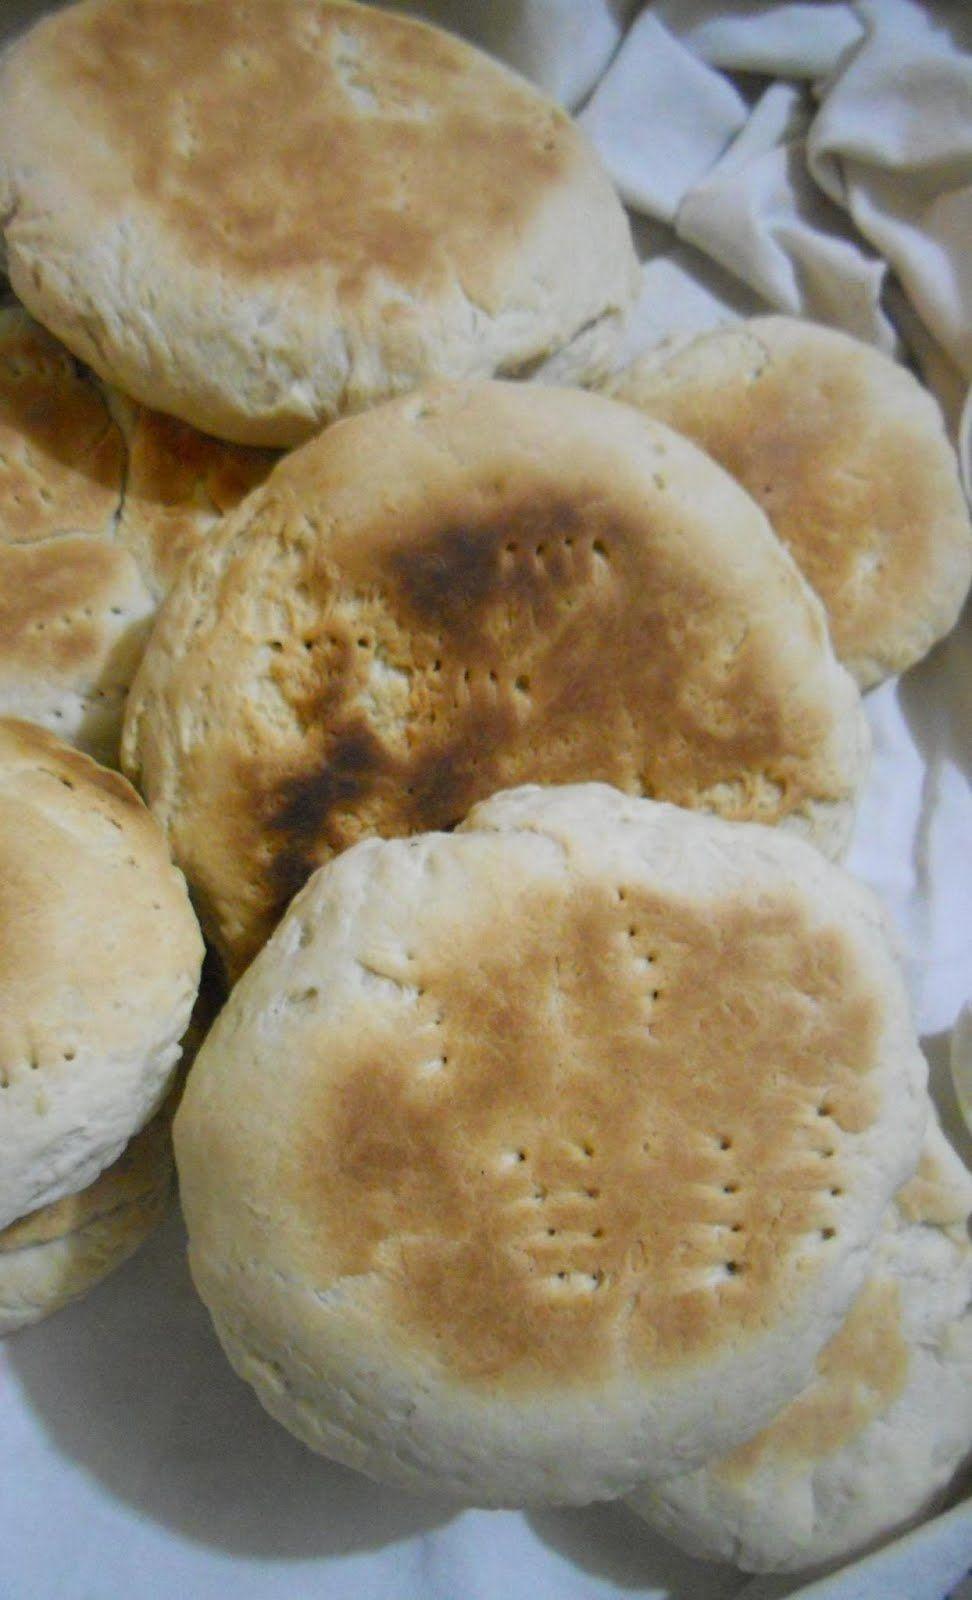 Panes Chilenos 1 Pan Amasado Pan Casero Y Amasado Es El Mejor Un Rico Pan Sureño Ingredientes 40 Gr De Leva Pan Amasado Pan Amasado Receta Pan